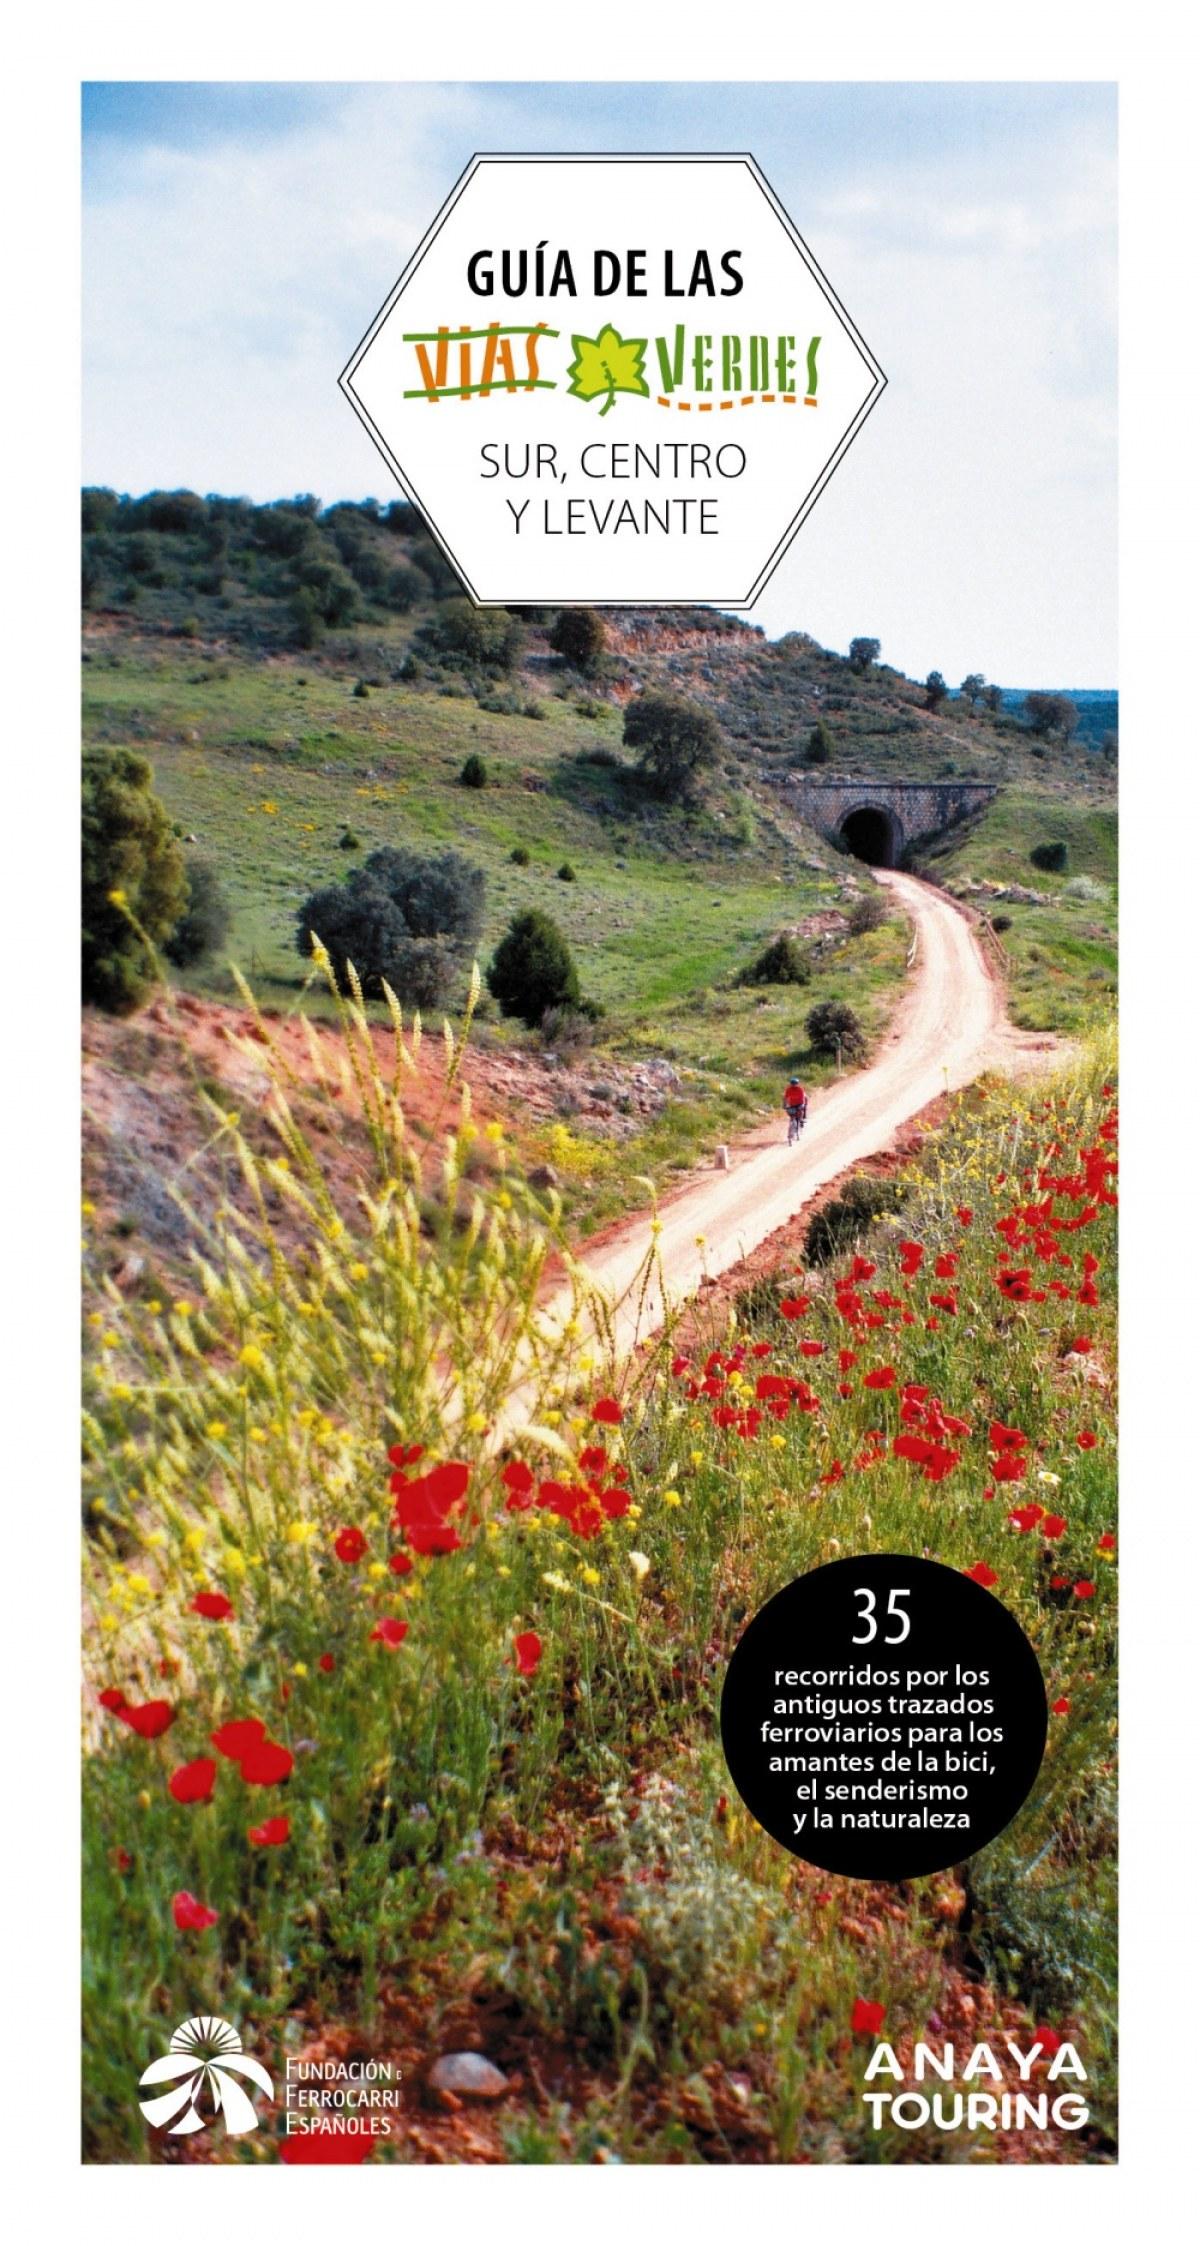 Guía de las Vías Verdes. Centro, Sur y Levante